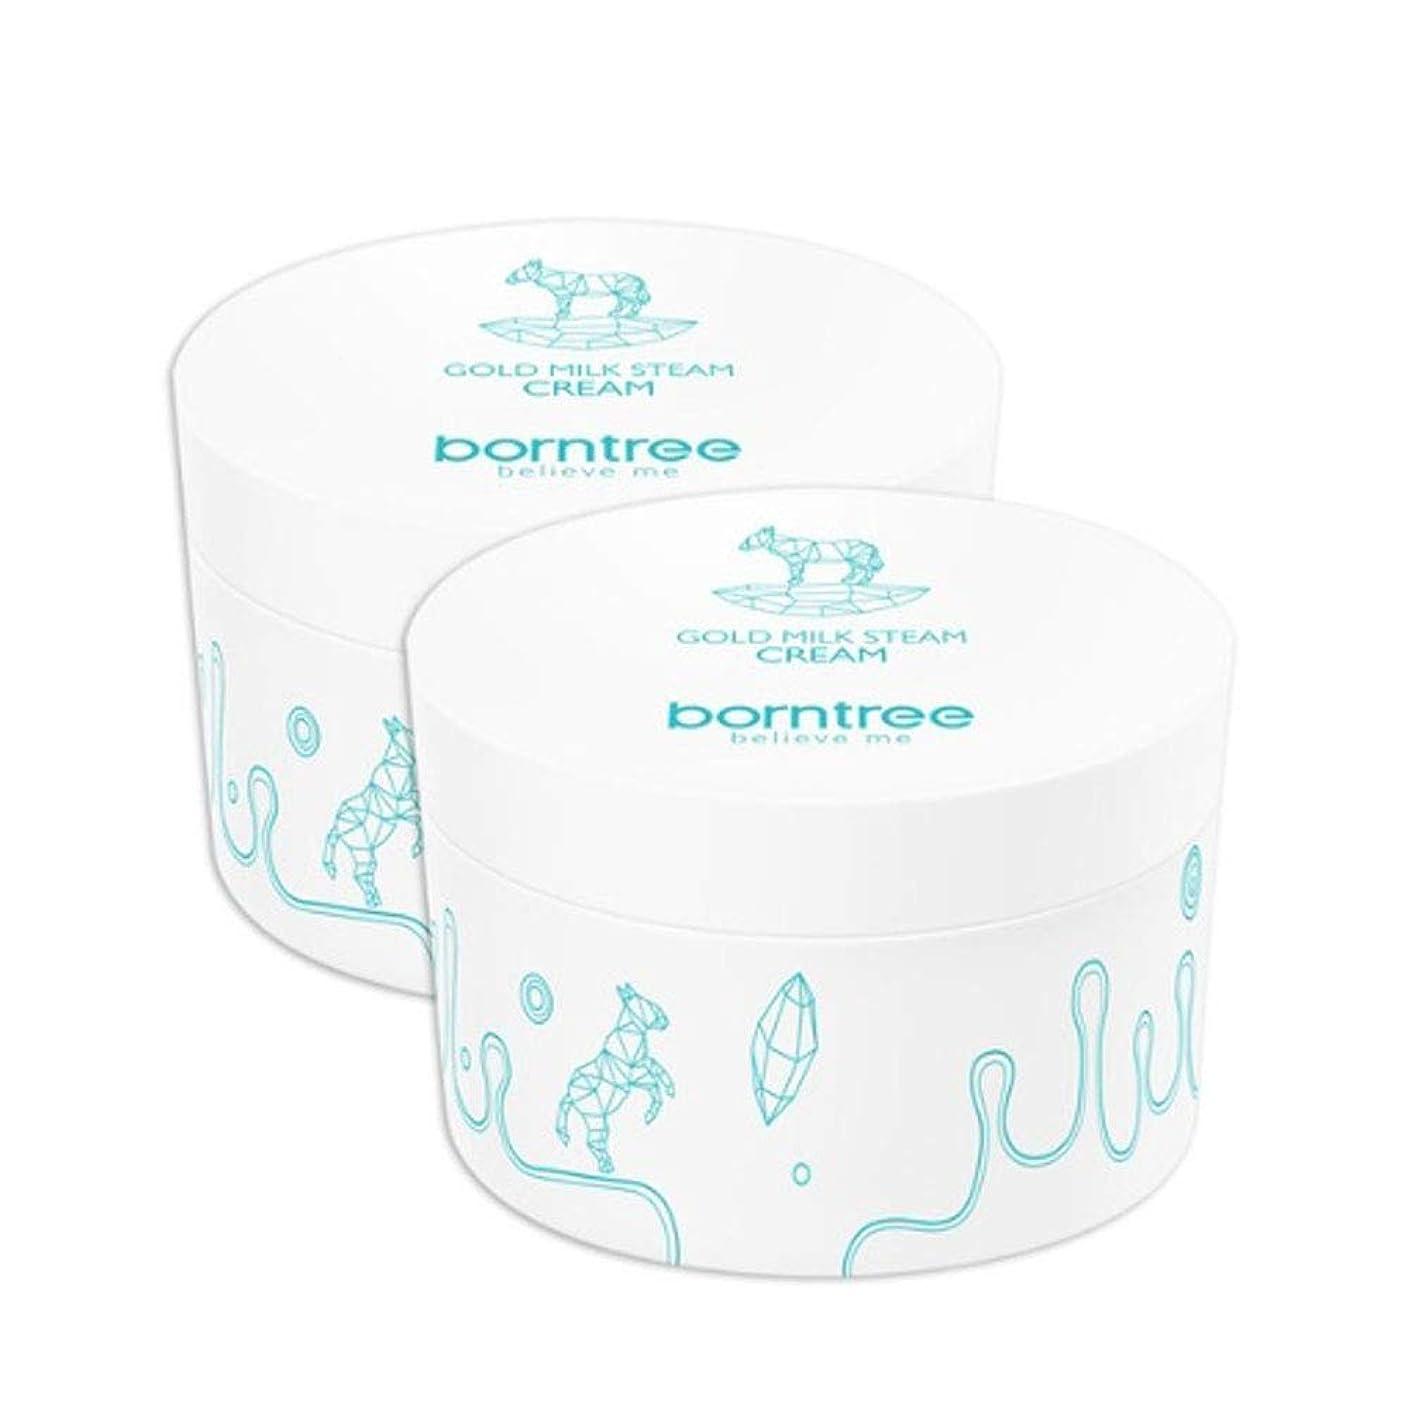 ボンツリーゴールドミルクスチームクリーム200gx2本セット韓国コスメ, Borntree Gold Milk Steam Cream 200gx2ea Set, Korean Cosmetics [並行輸入品]